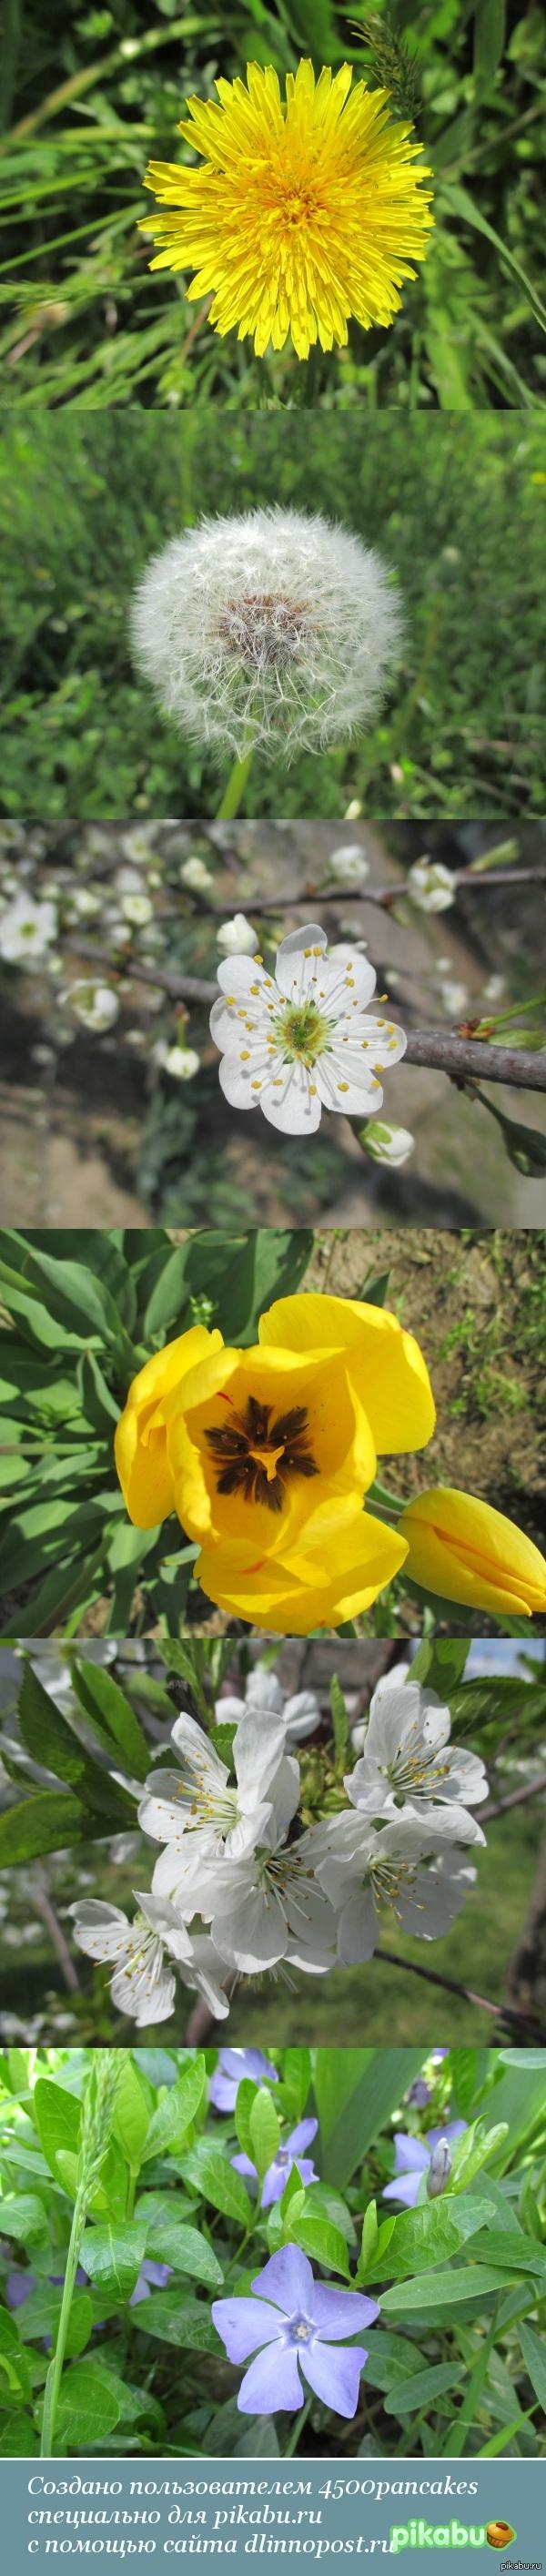 Весенние цветы Просто несколько фото с прогулки. Снято на Canon Ixus 135.